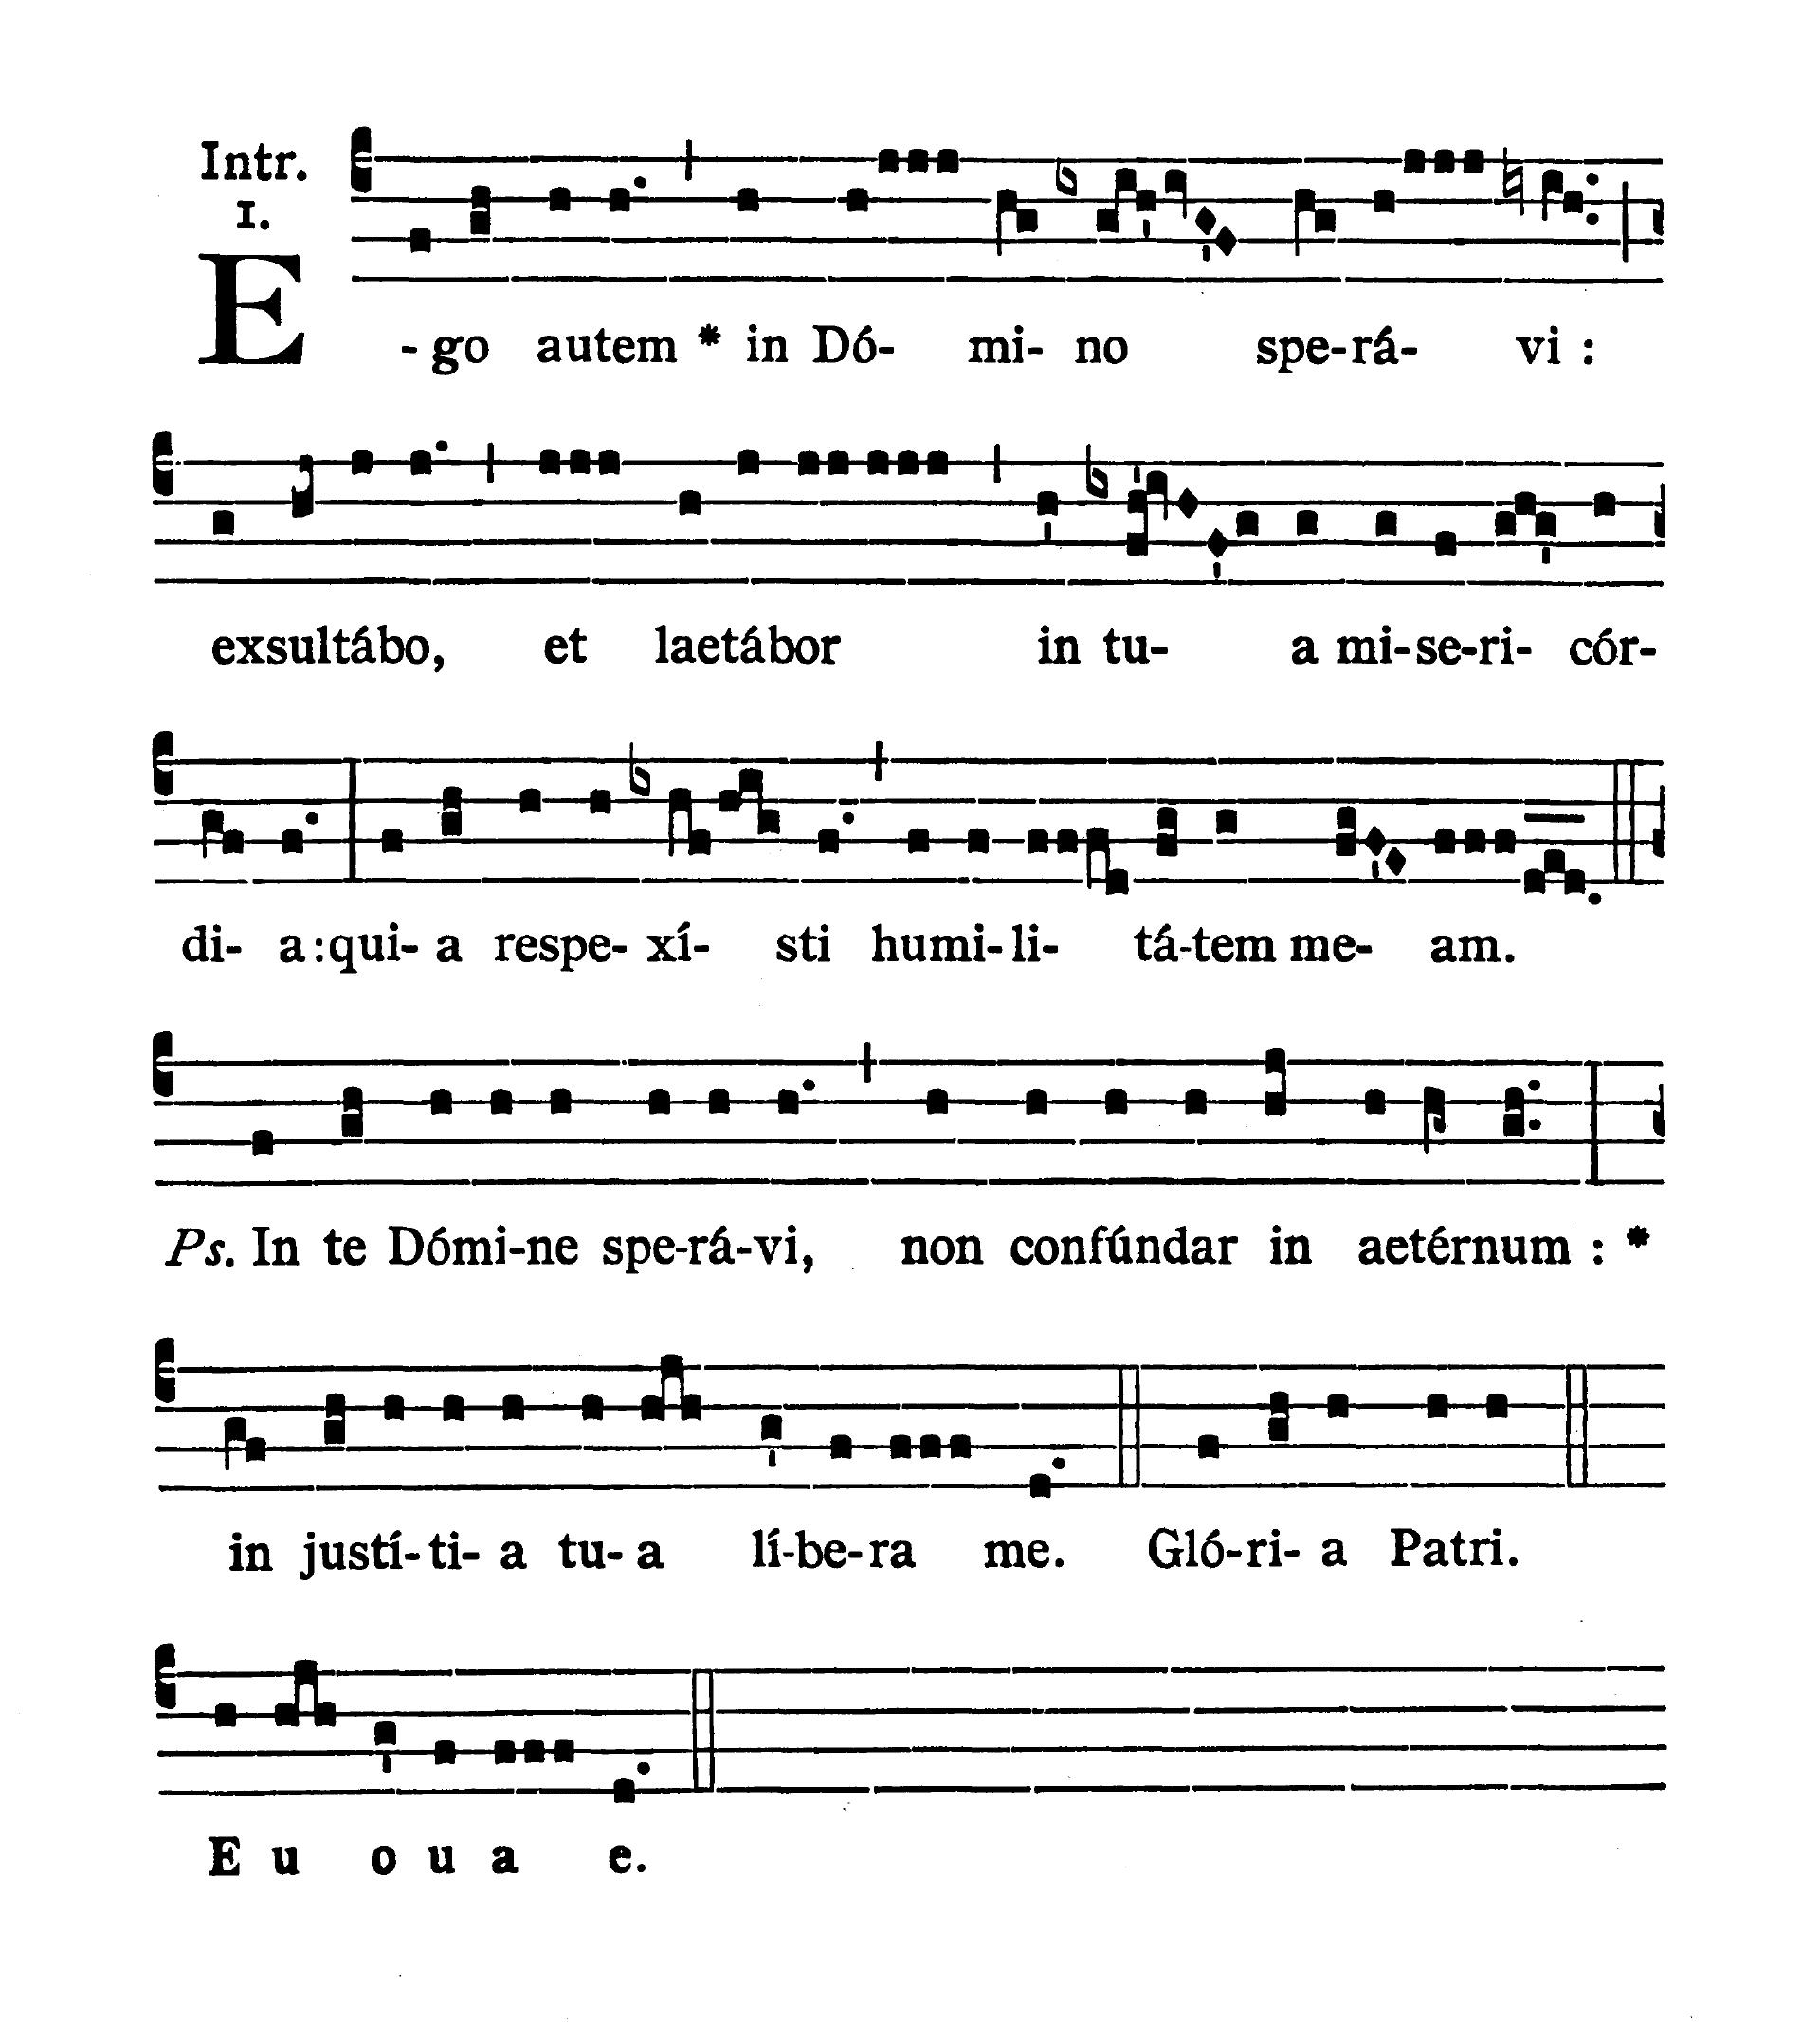 Feria IV post Dominicam III Quadragesimae (Wednesday after Third Sunday of Lent) - Introitus (Ego autem)